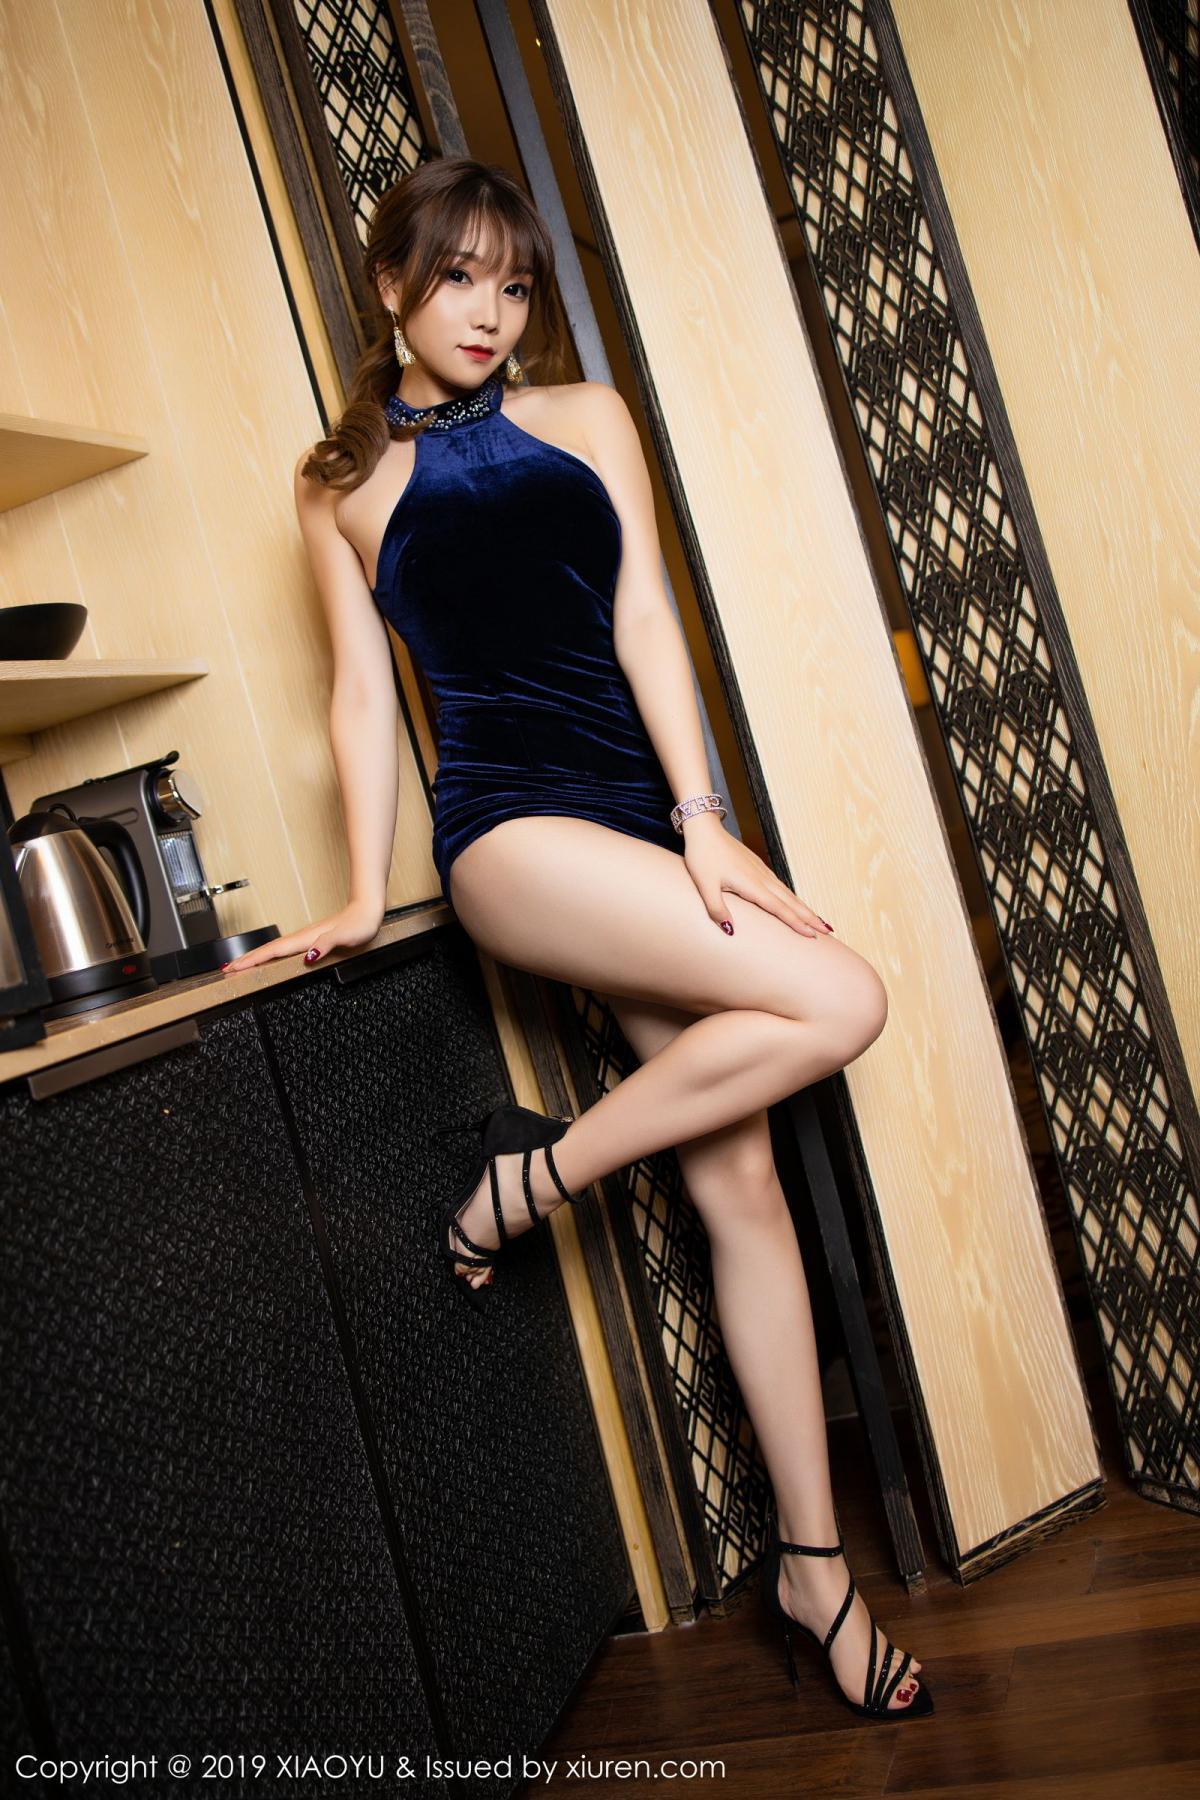 [XiaoYu] Vol.192 Chen Zhi 12P, Chen Zhi, Cheongsam, Tall, XiaoYu